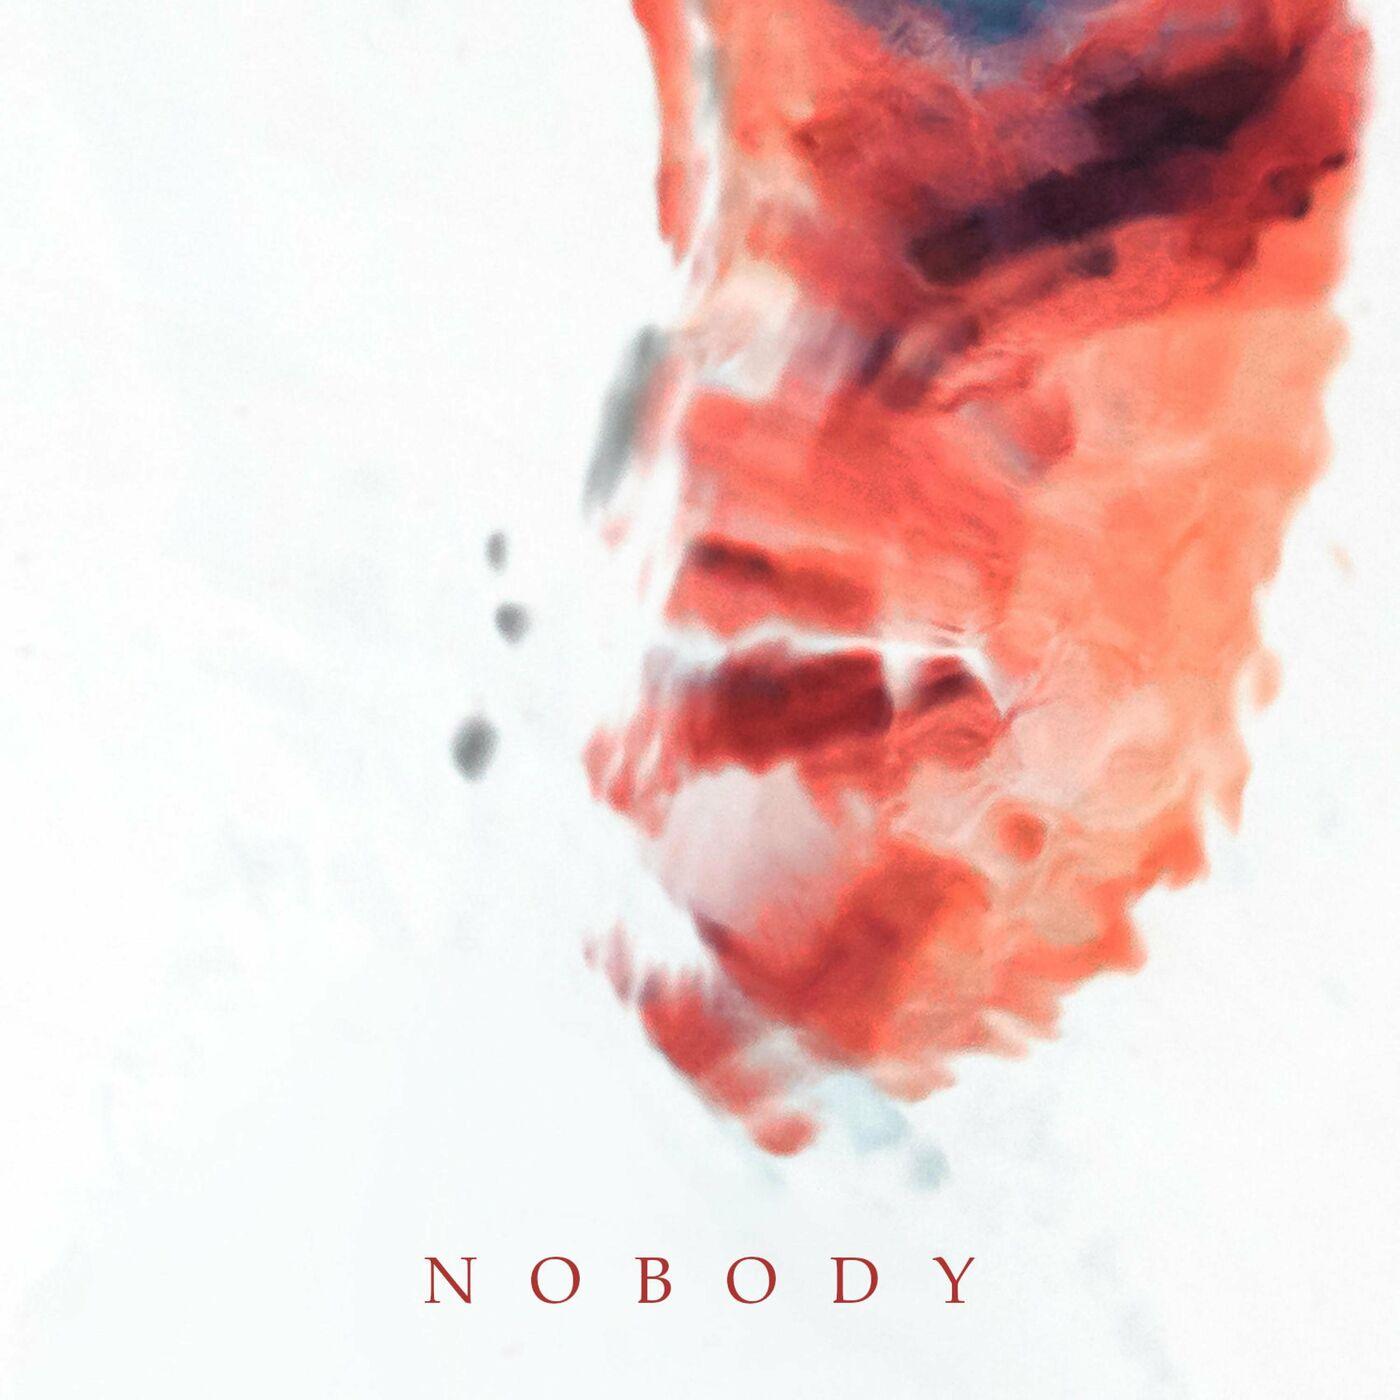 landless - Nobody [single] (2021)